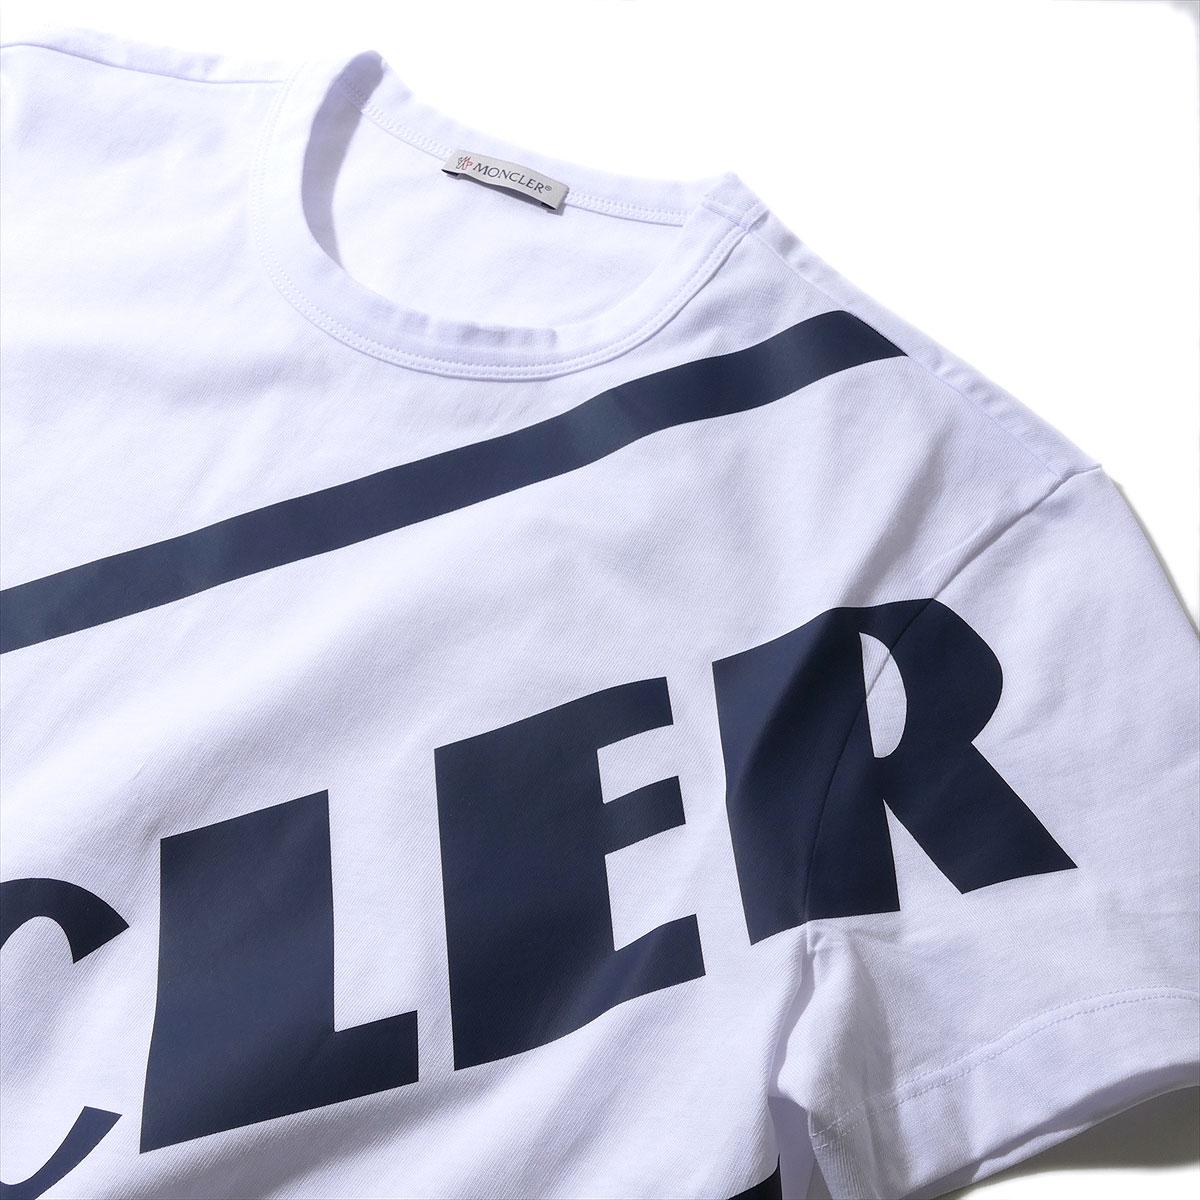 メーカー在庫限り品 送料無料 宅配便送料無料 モンクレール メンズ Tシャツ 8C70610 MONCLER ブランド 001ホワイト ギフト半袖